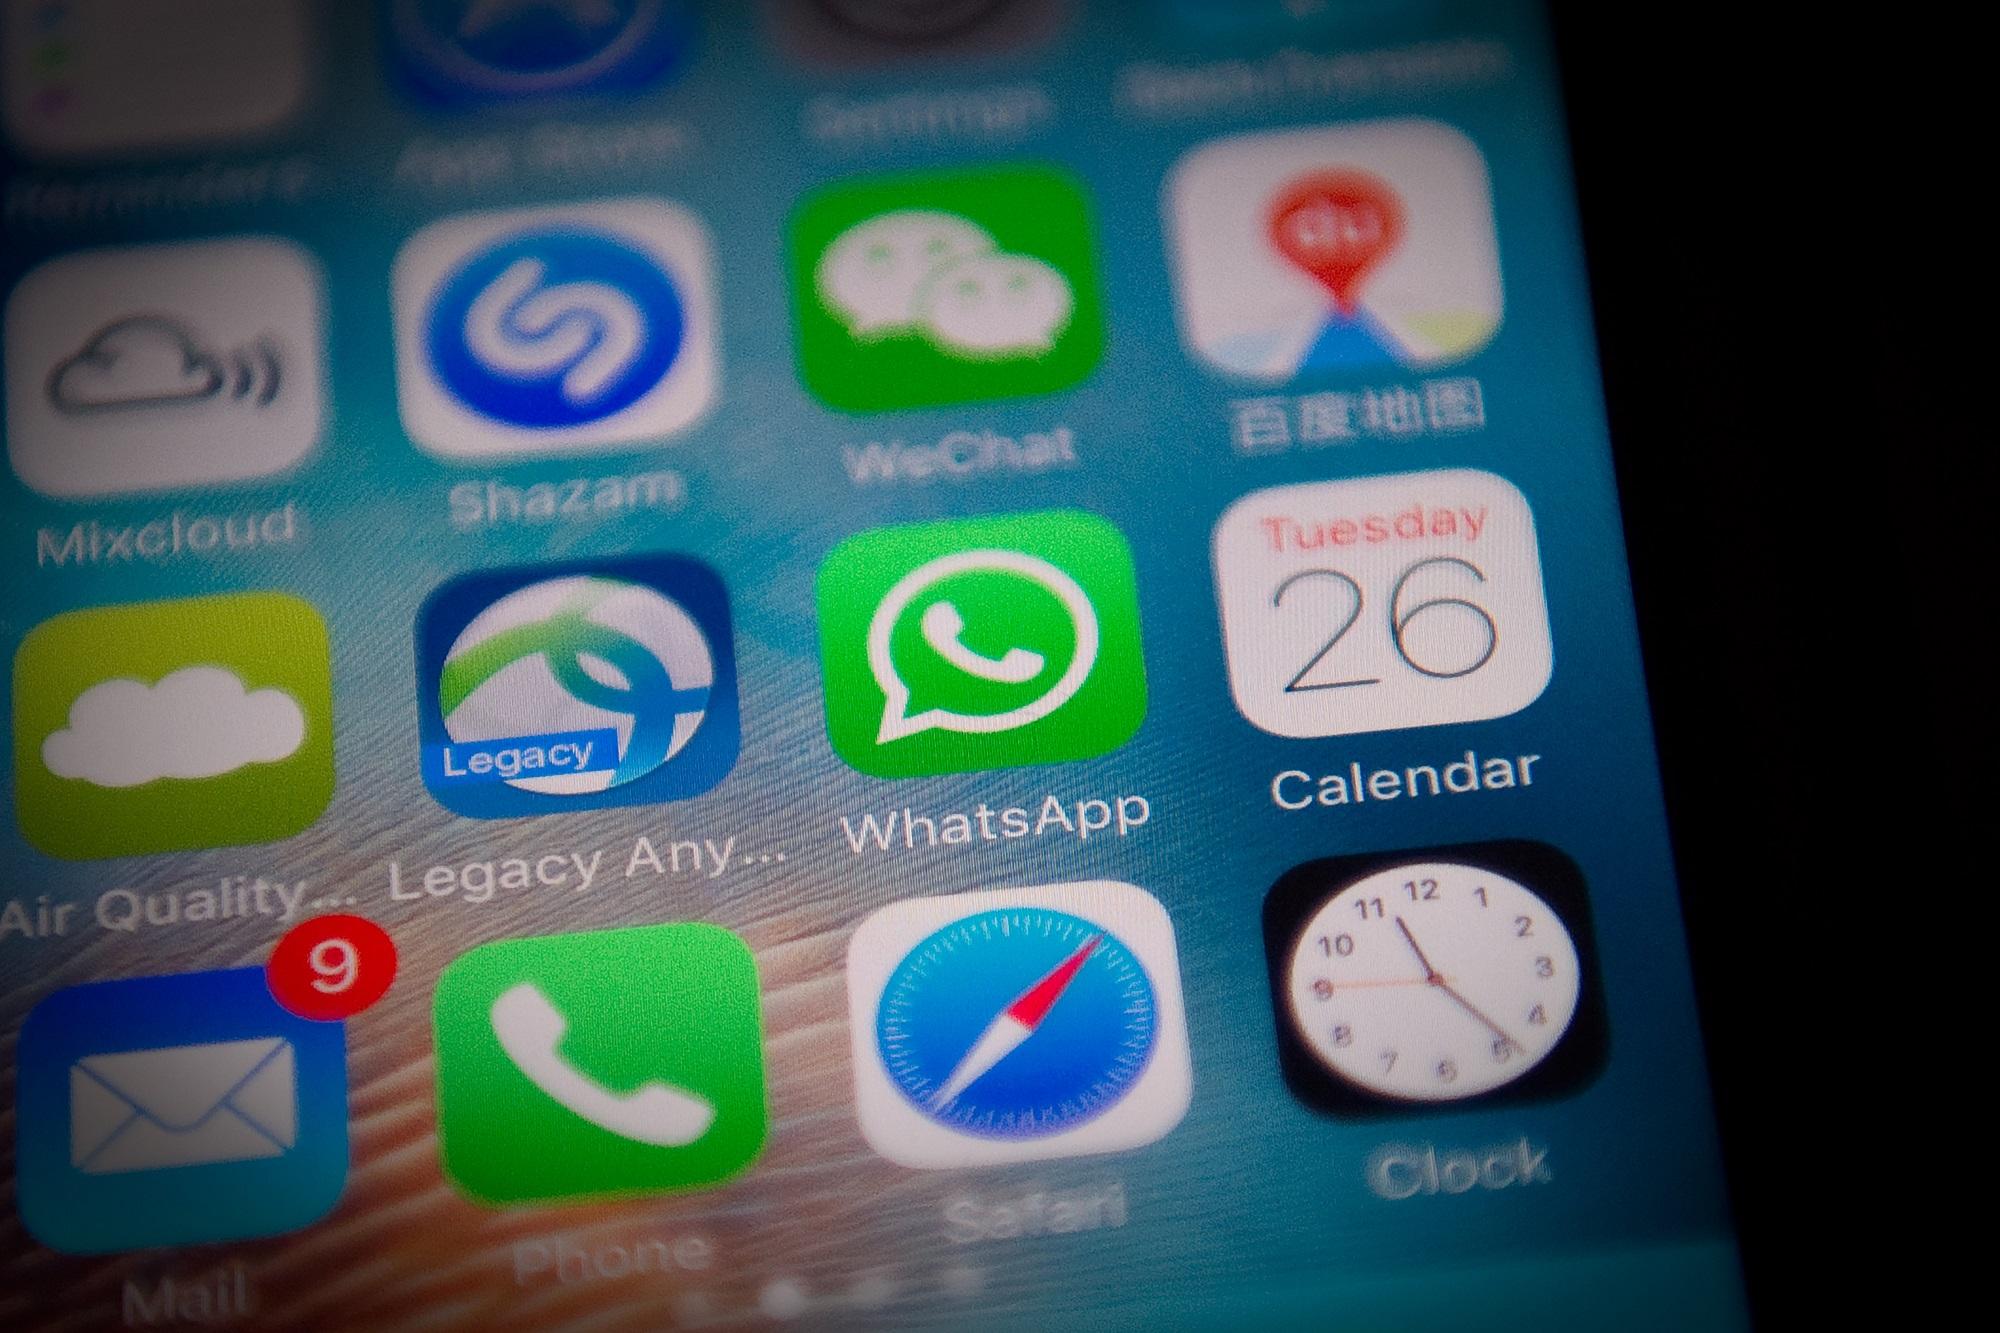 Whatsapp, ¿en un teléfono fijo? ¿Videollamadas grupales? ¡Pues sí!